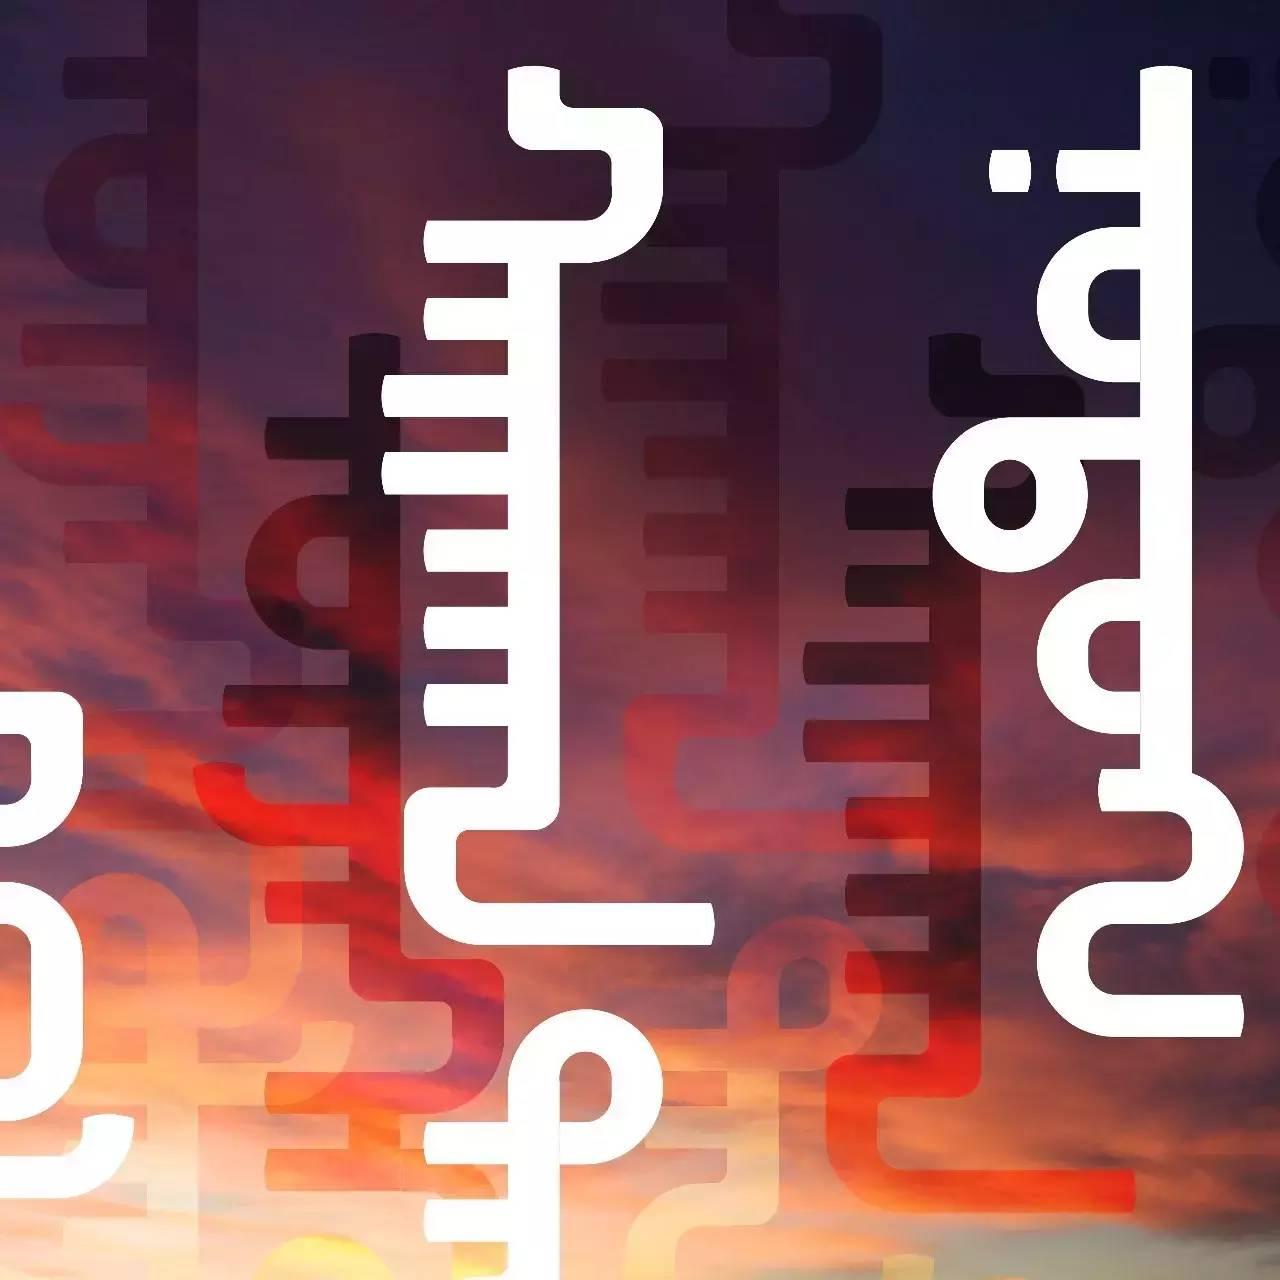 【原创】蒙语字体设计 第1张